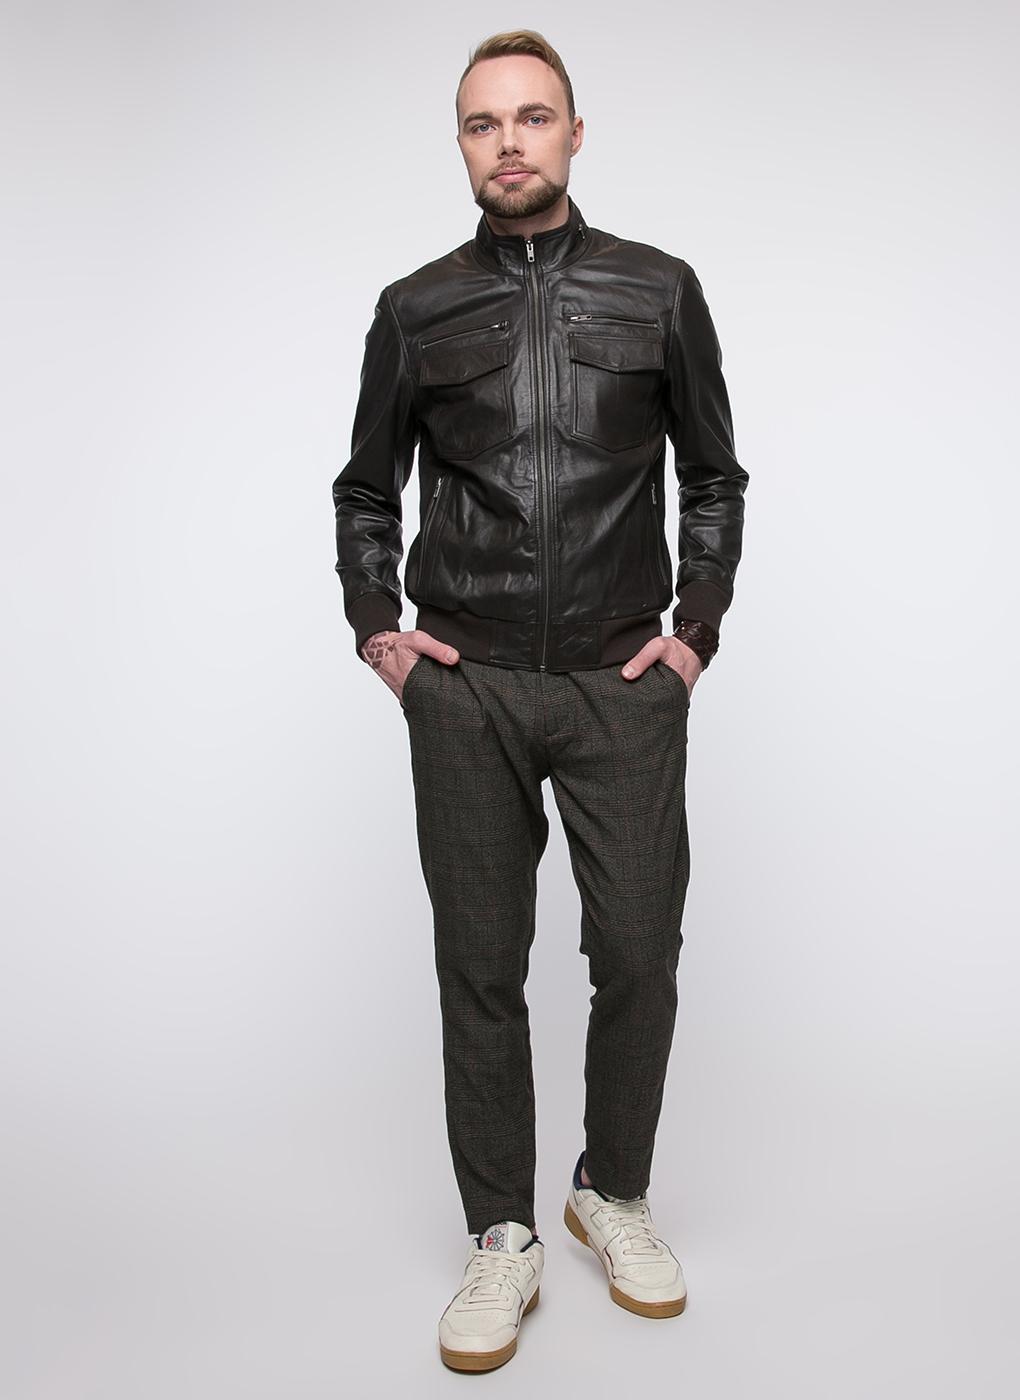 Бомбер мужской кожаный 04, Gotthold фото